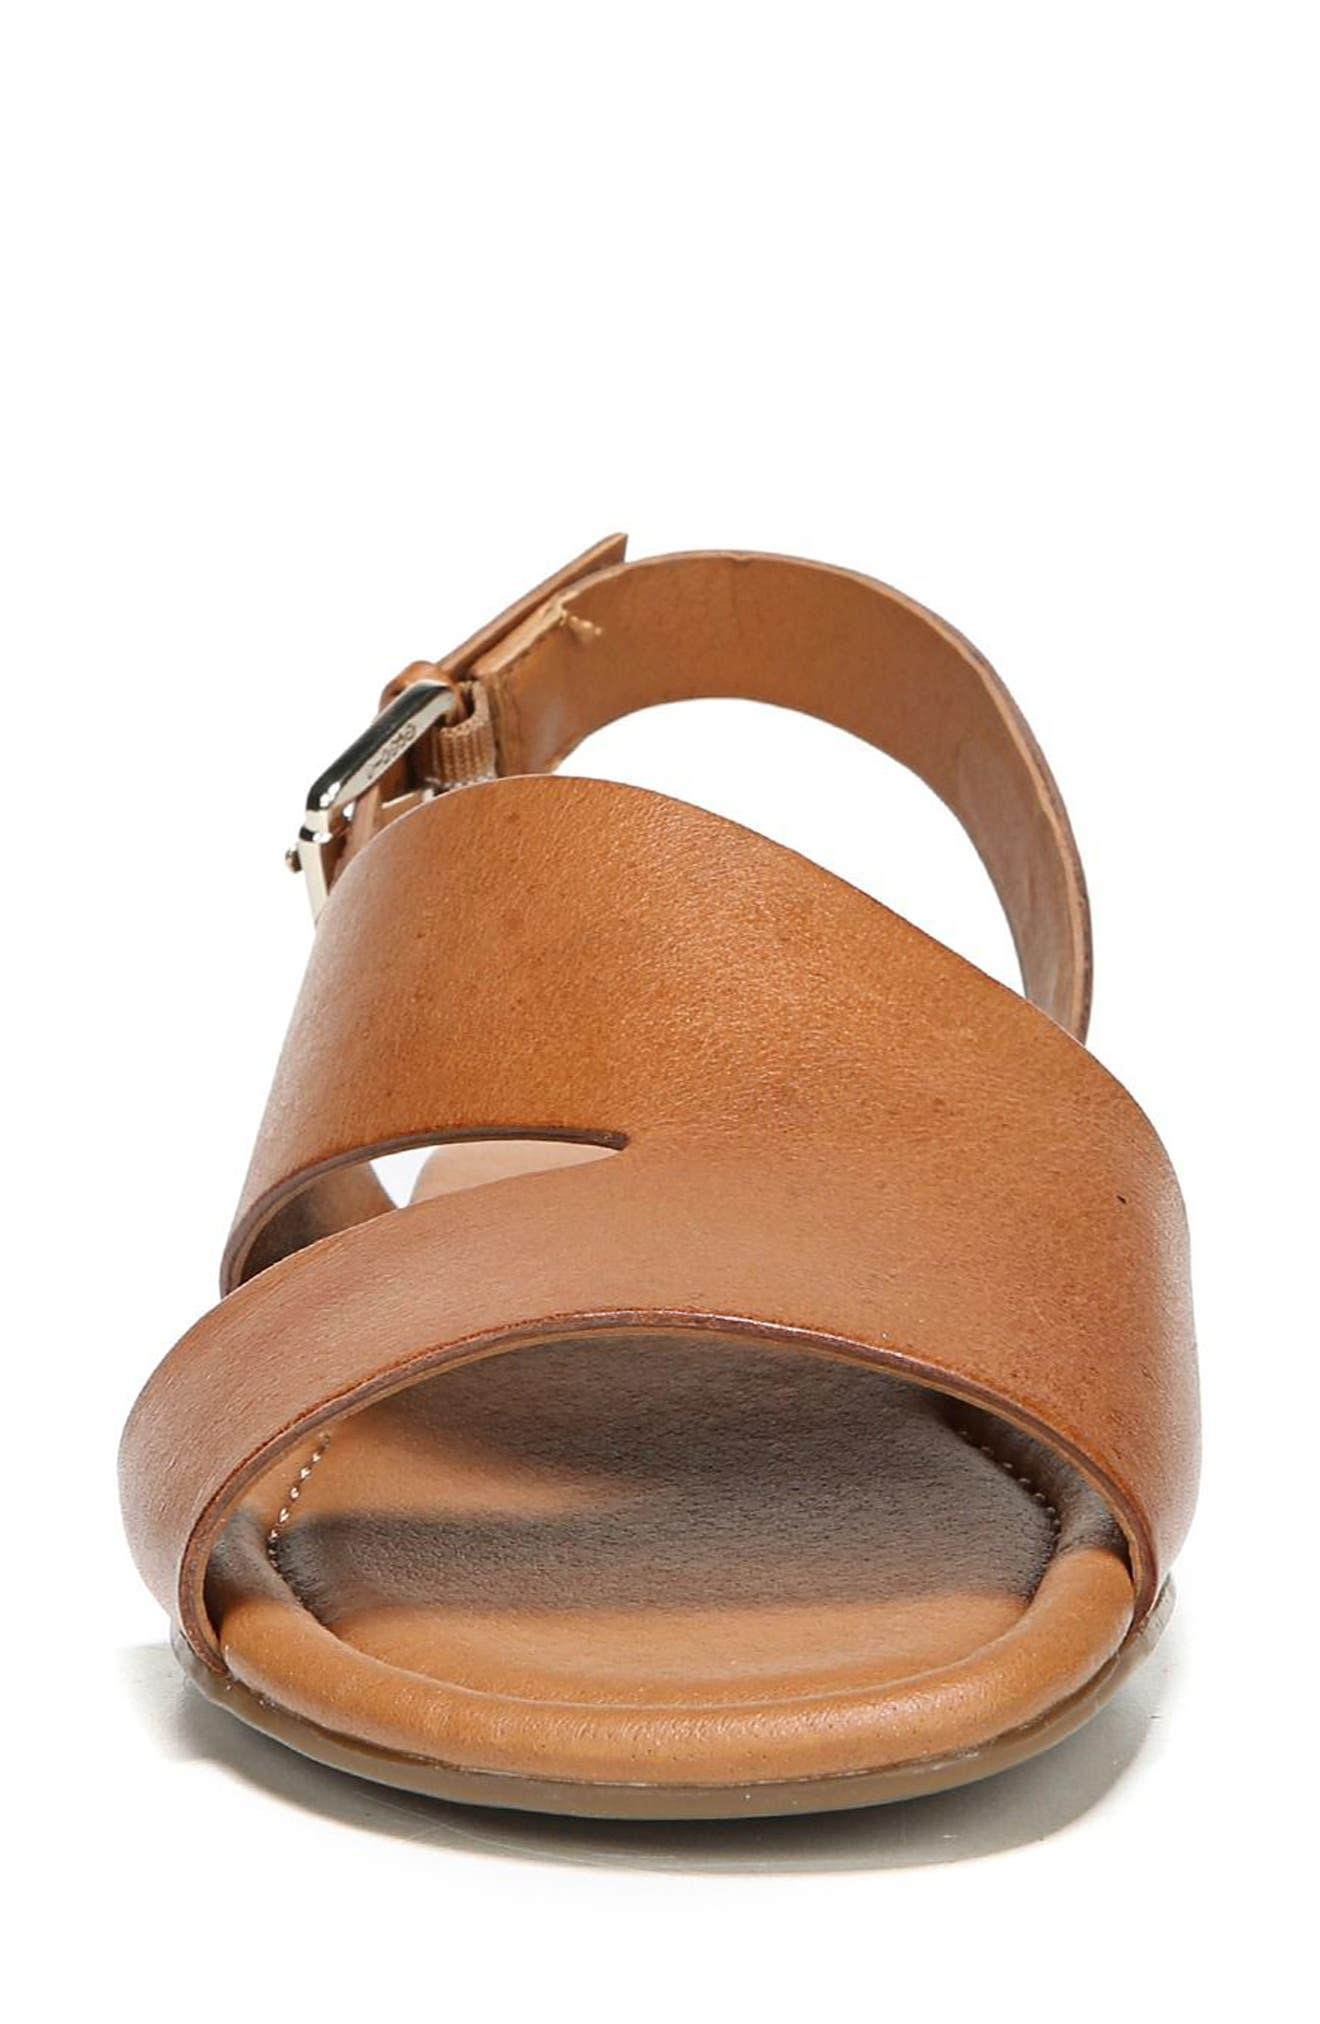 Garza Slingback Sandal,                             Alternate thumbnail 4, color,                             Tan Leather